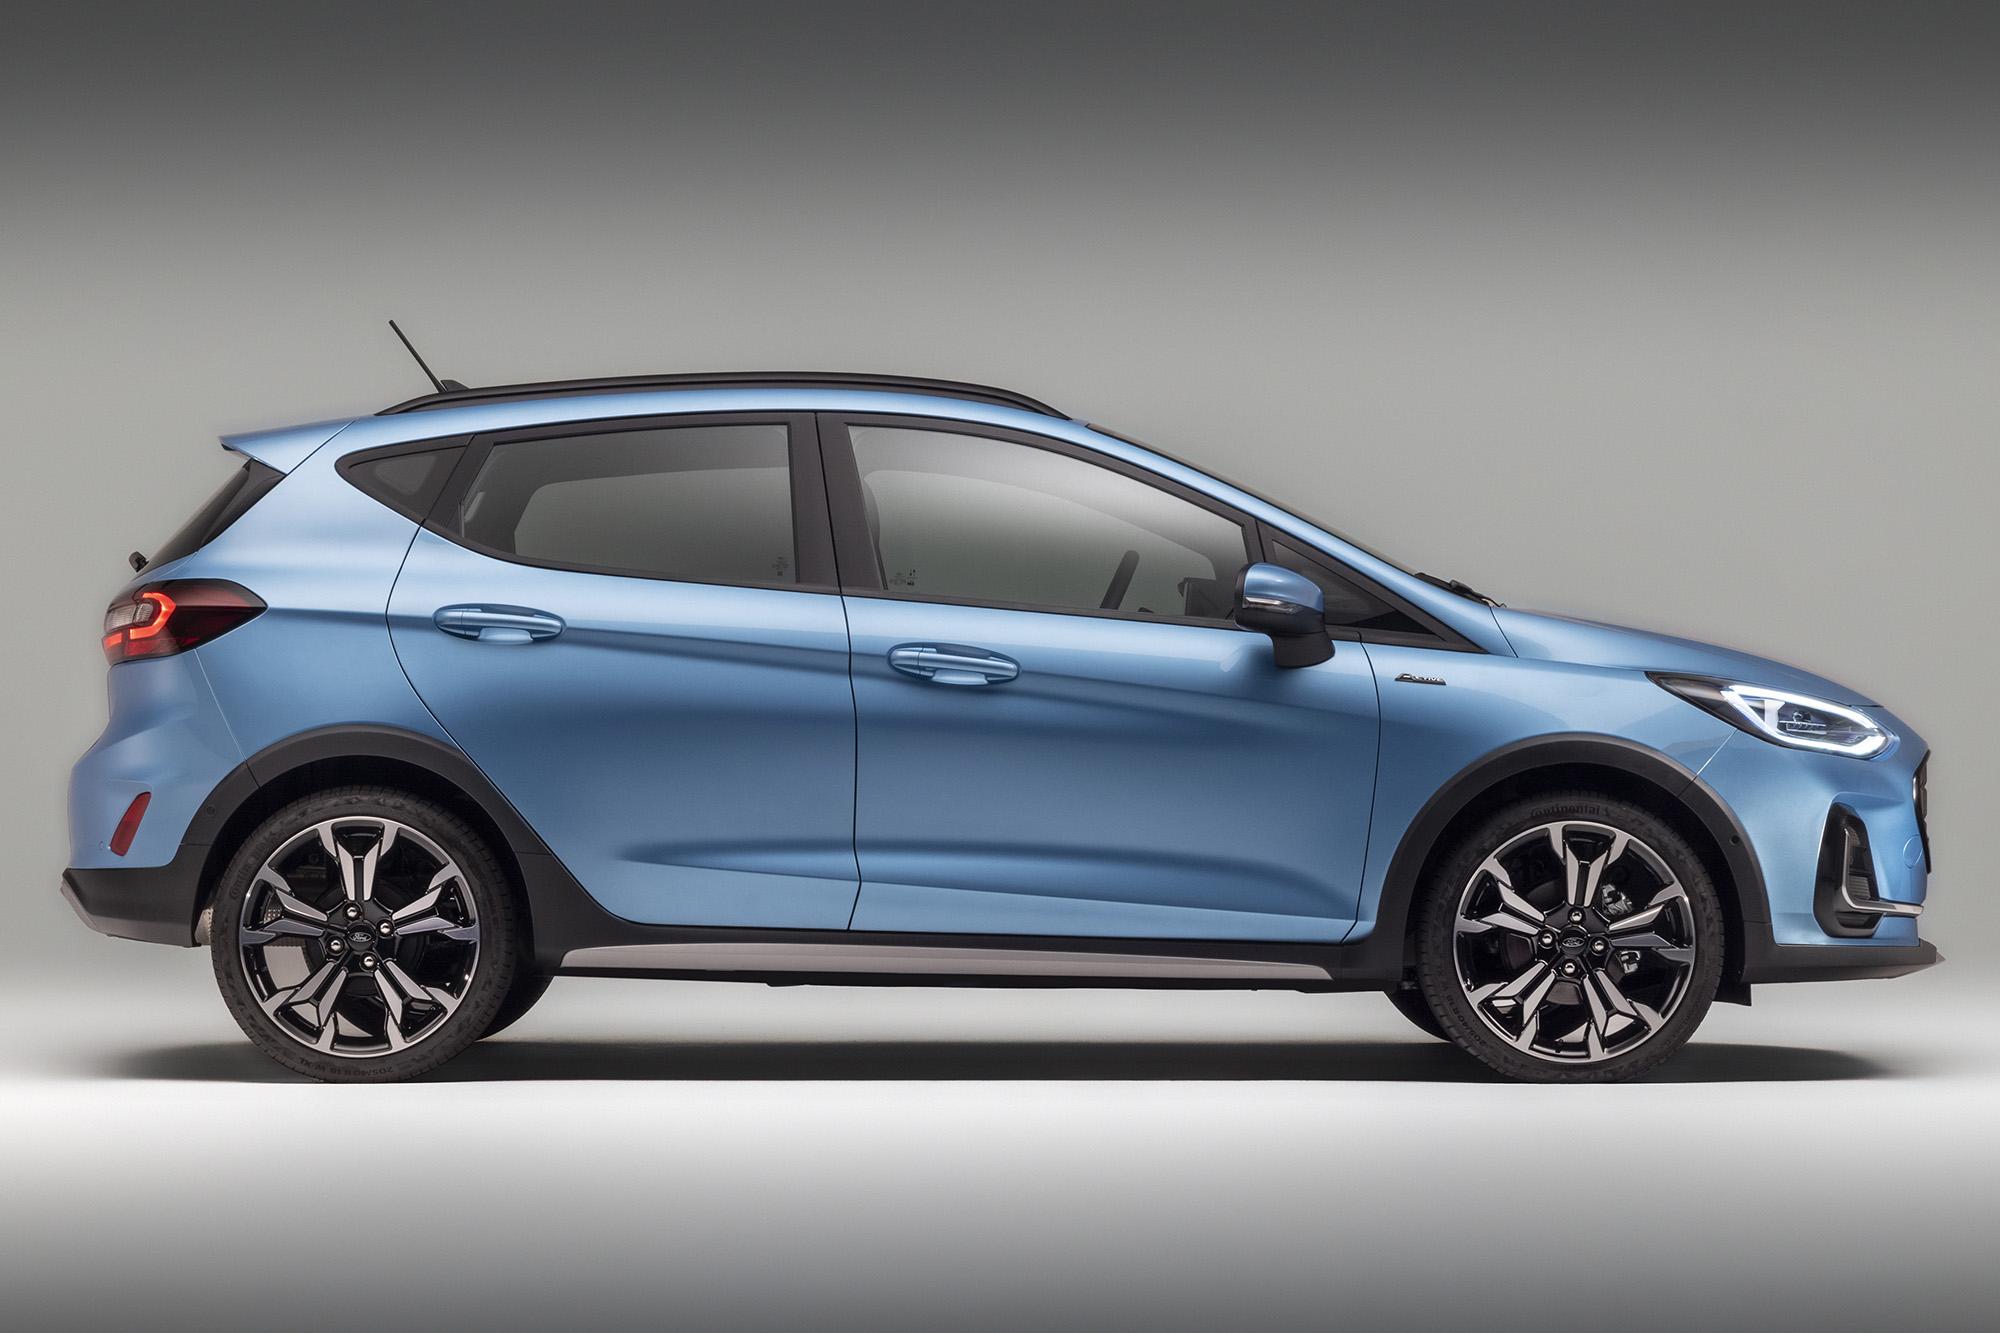 Ford Fiesta 2021 azul visto de lado